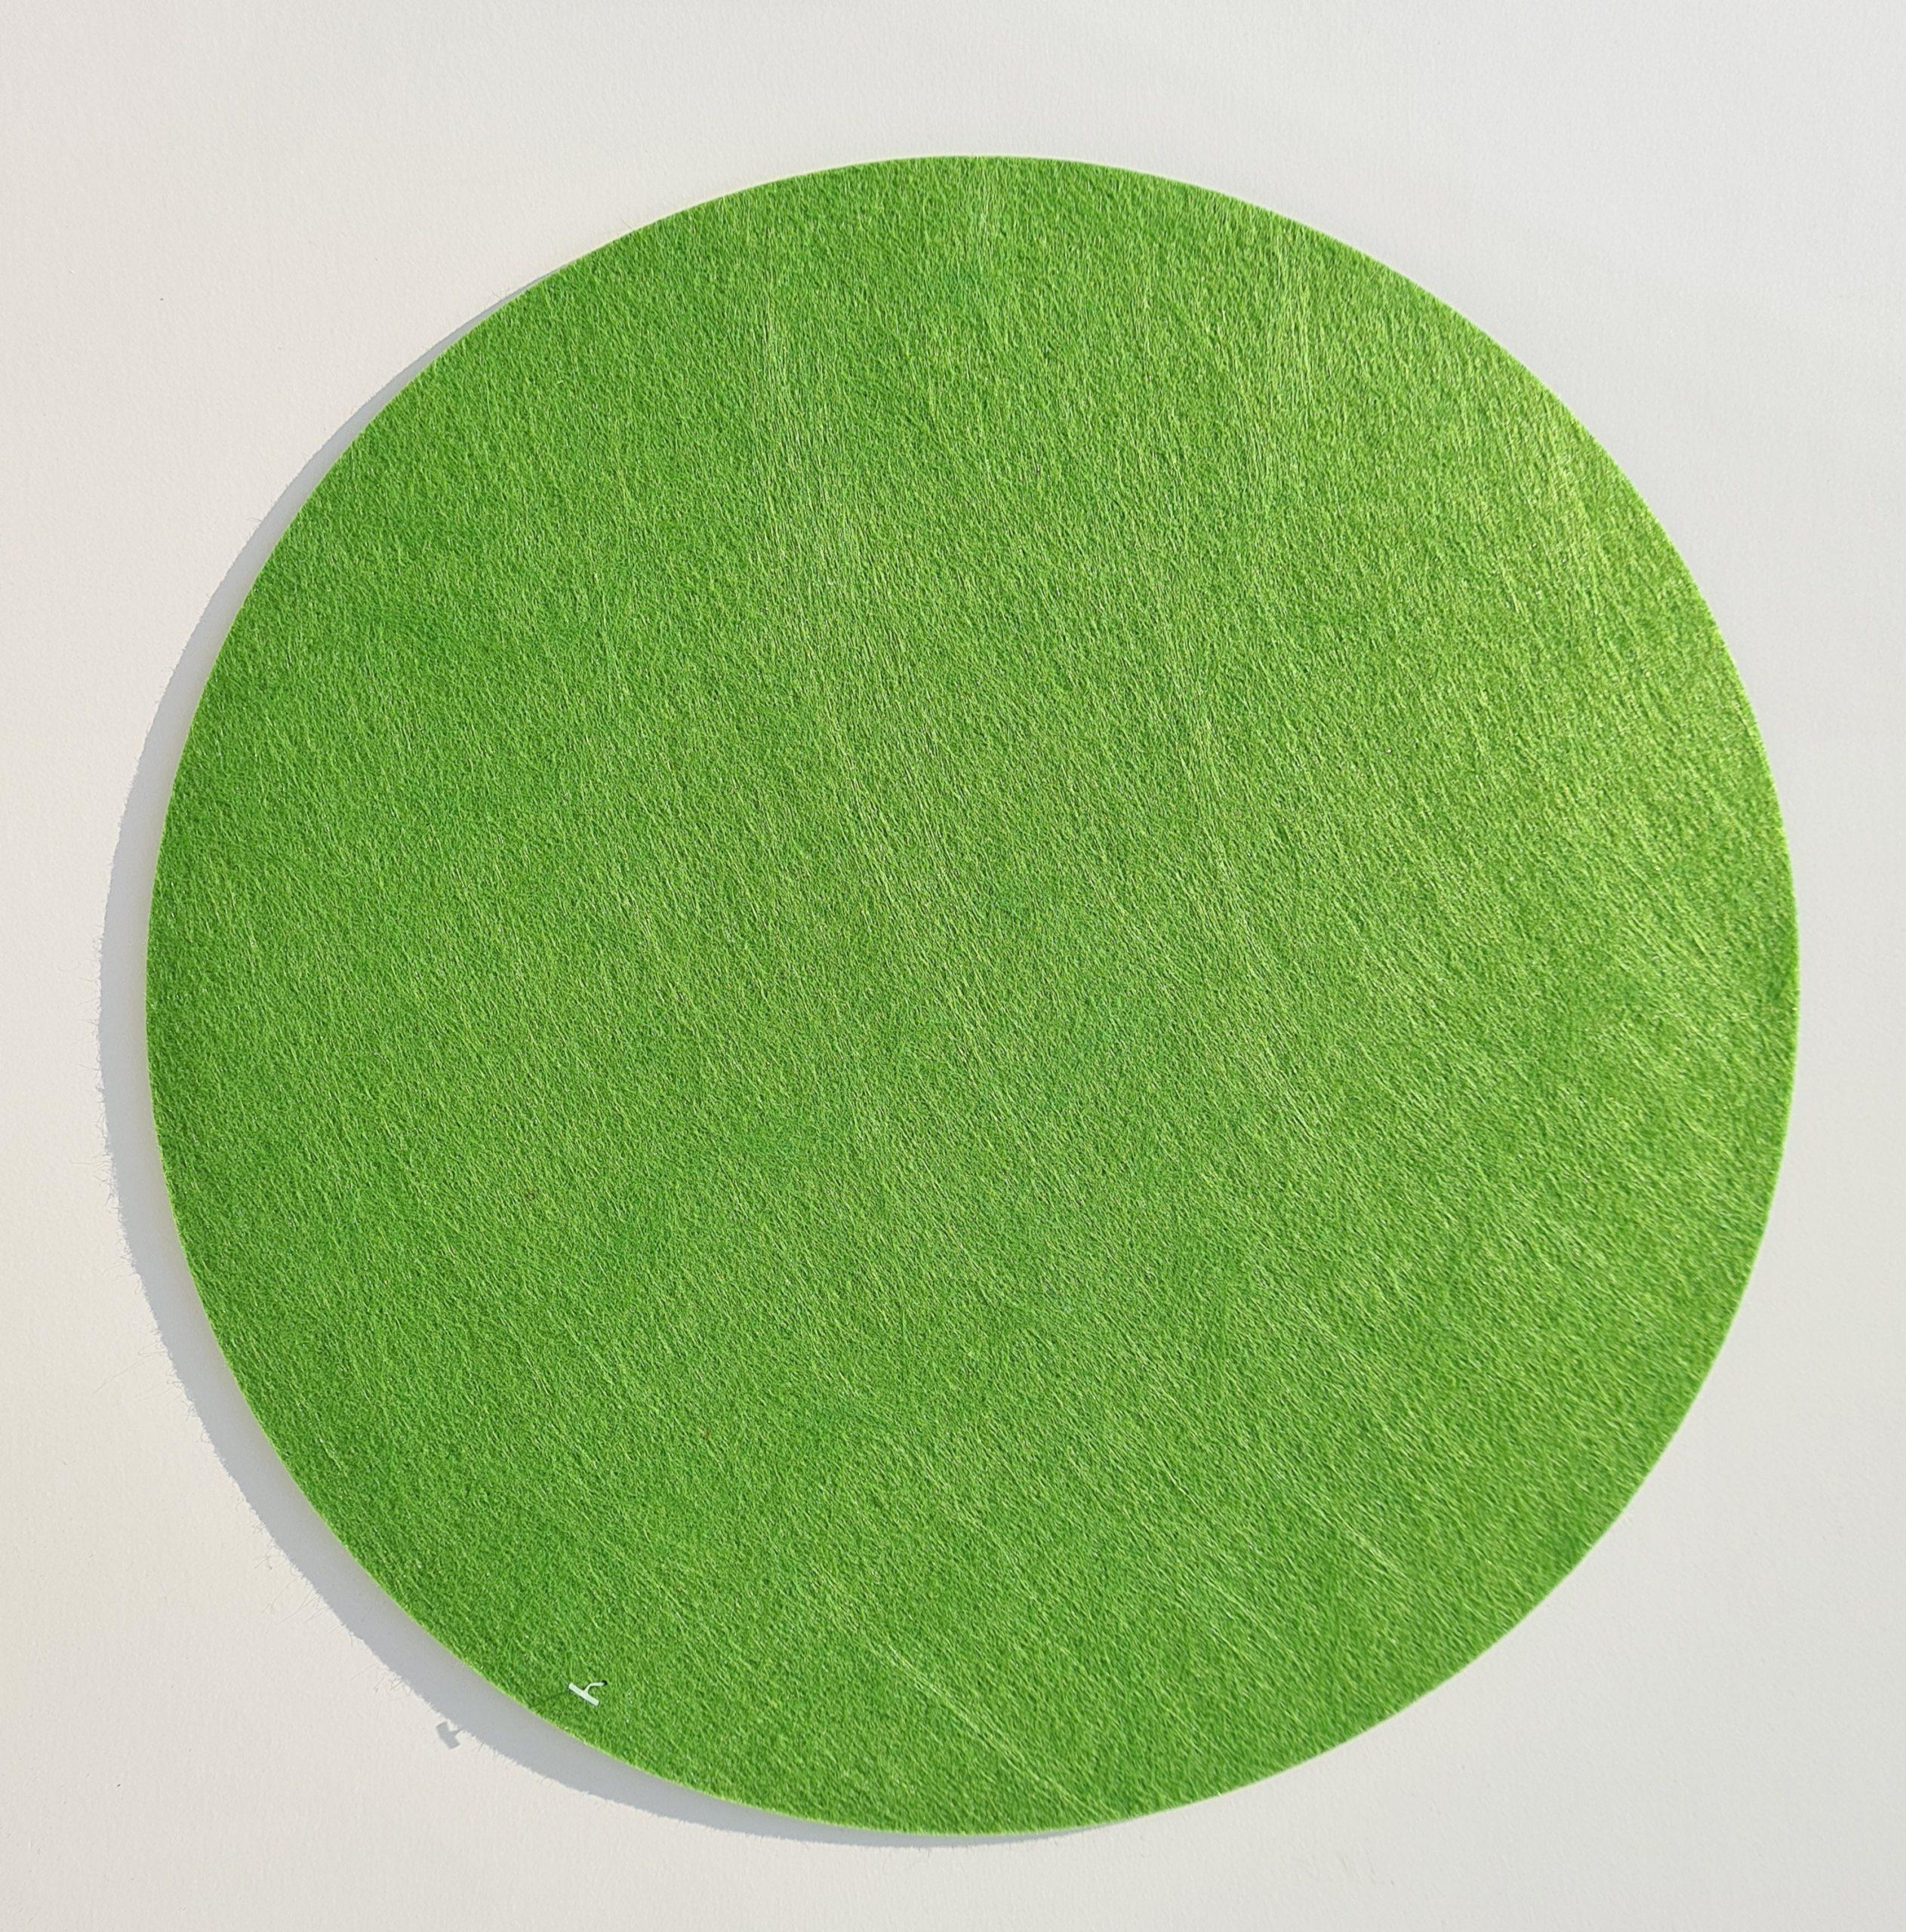 Grüner Filz-Untersetzter rund - Handgemachte individualisierbare Taschen, Körbe, Tischsets, Dekoartikel und mehr auf fideko.de der Onlineshop seit 2011